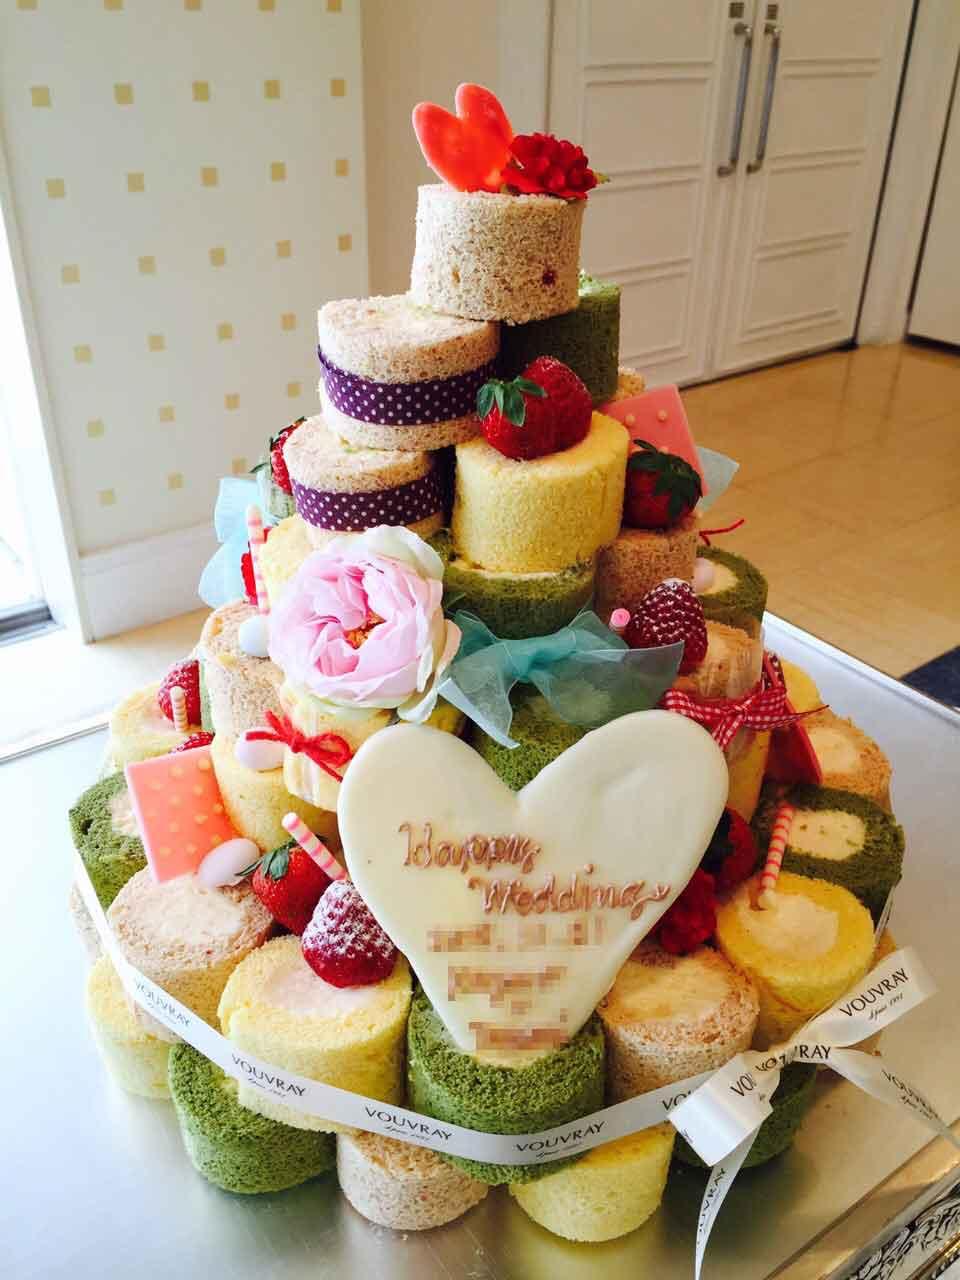 ヴーヴレイのウエディングケーキ